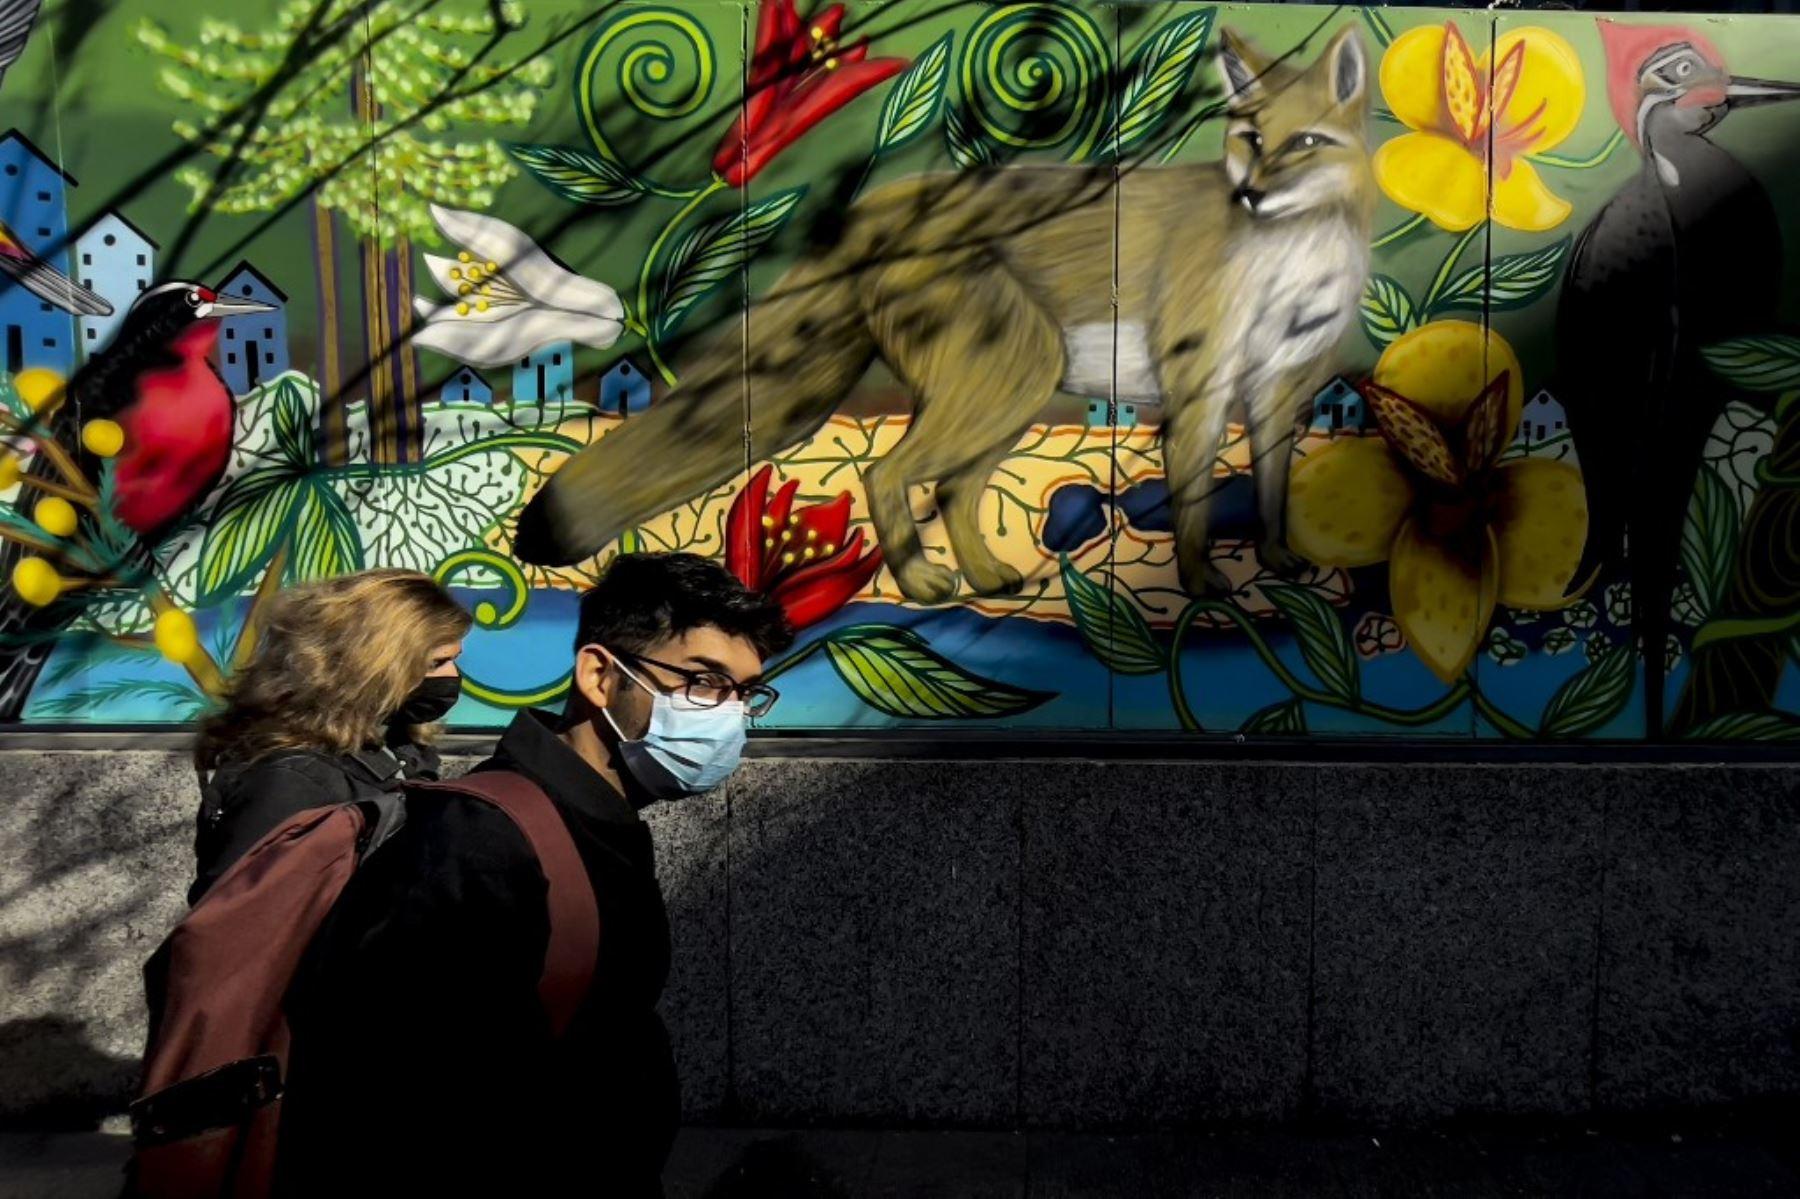 La gente camina en el centro de Santiago mientras continúa el brote de la enfermedad por coronavirus. Foto: AFP